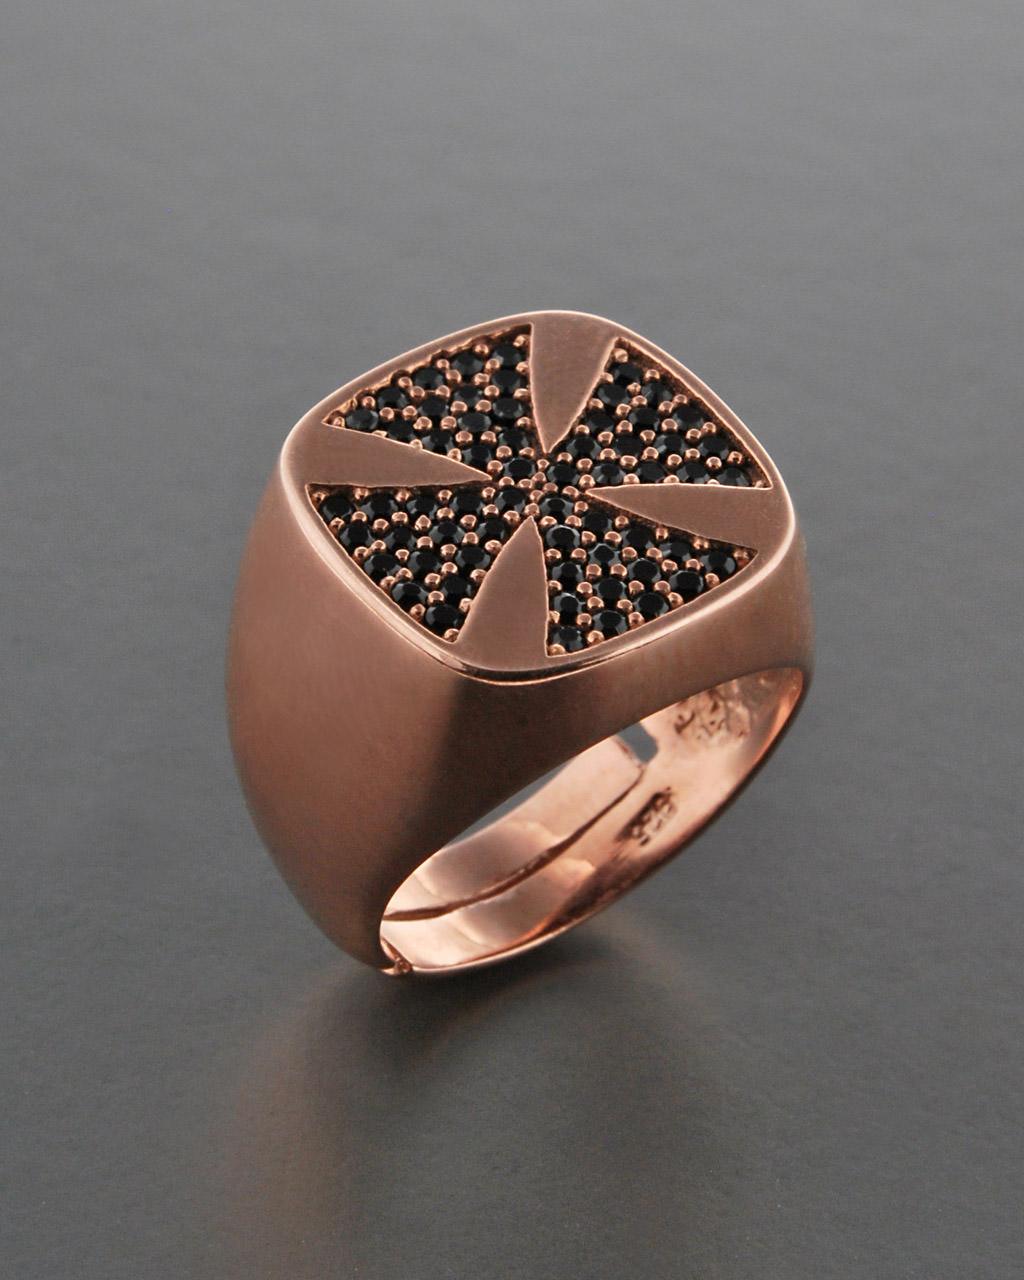 Δαχτυλίδι σεβαλιέ ασημένιο 925 με Zιργκόν   κοσμηματα δαχτυλίδια δαχτυλίδια chevalier